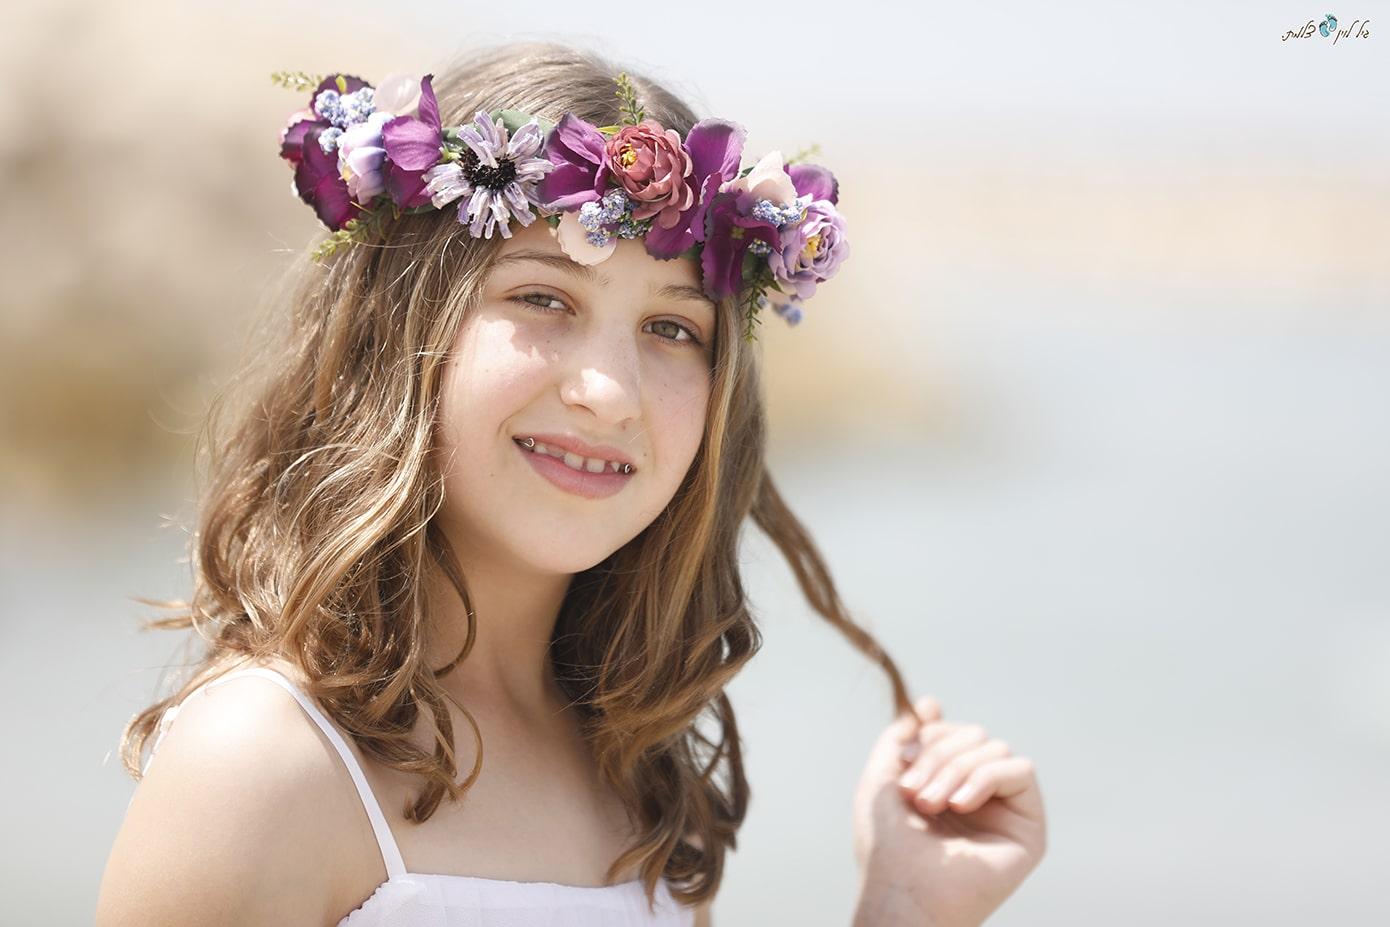 בוק בת מצווה גיל לוין- שלי ז (13)